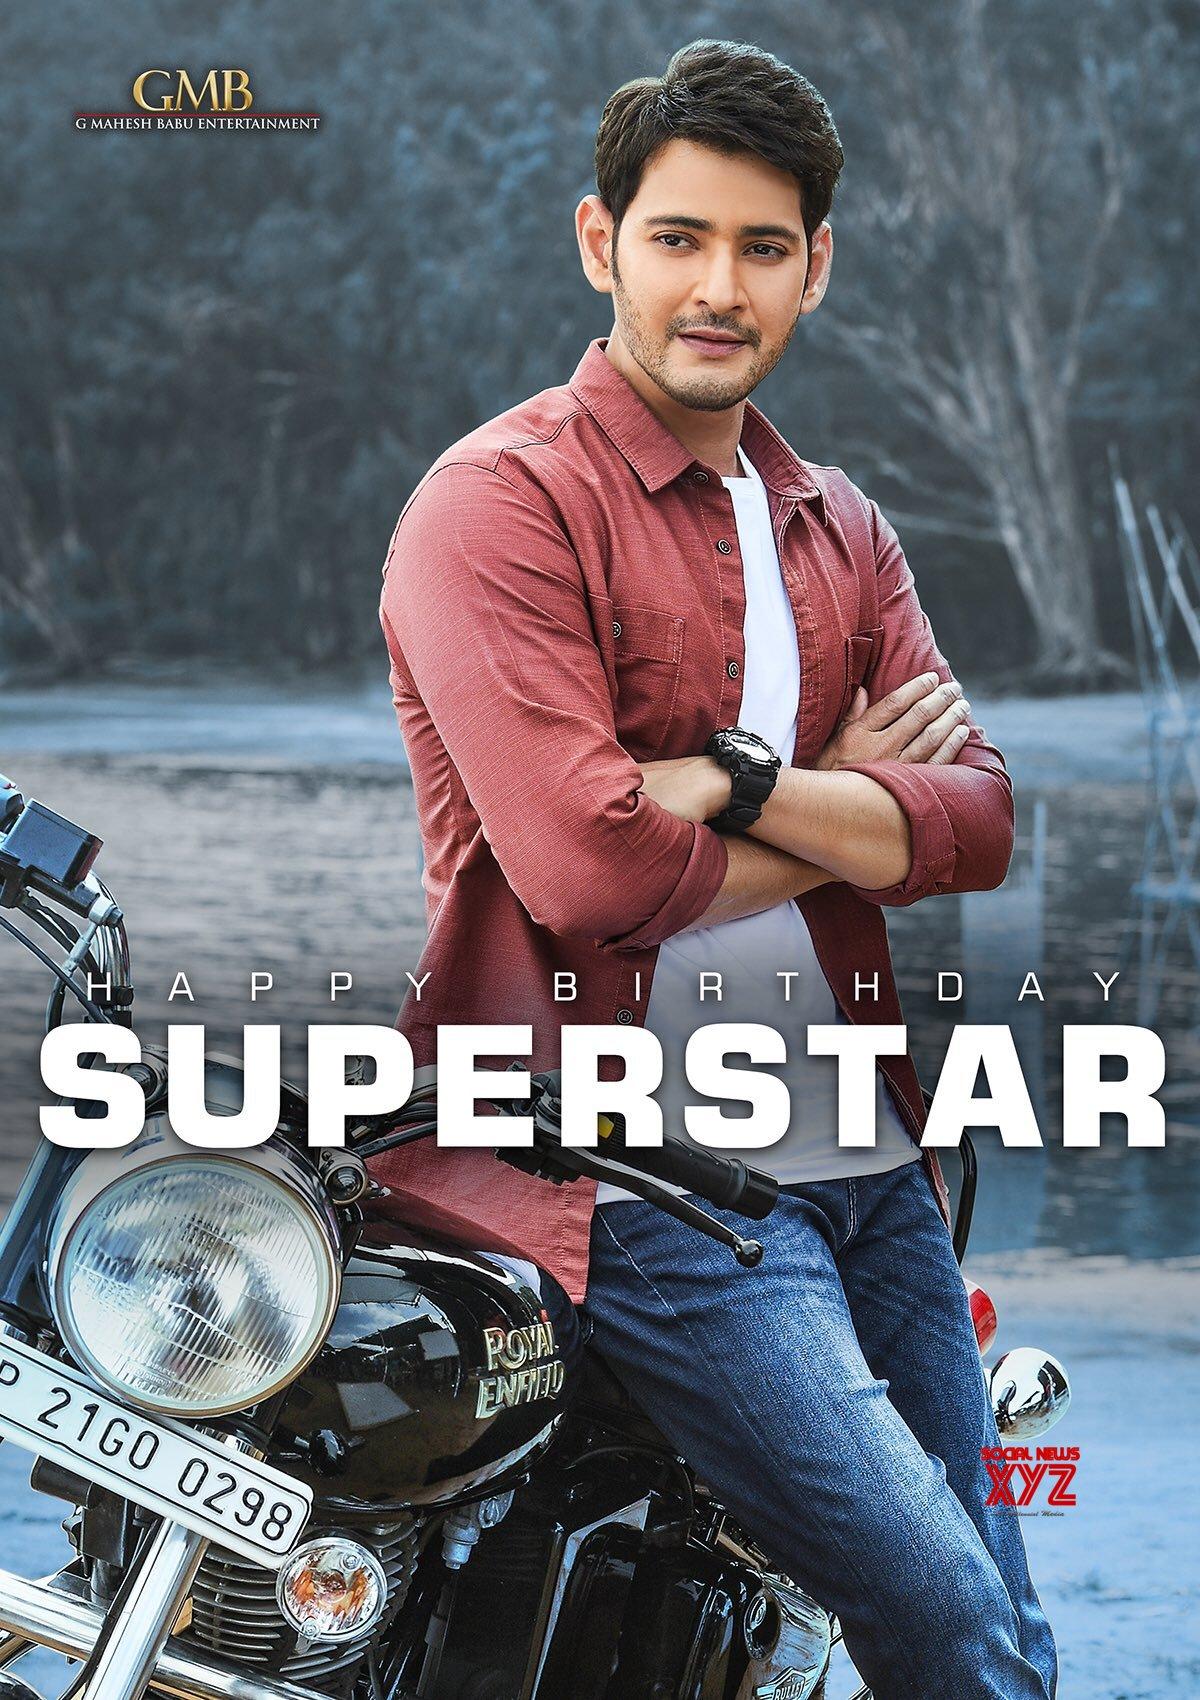 Superstar Mahesh Babu 2020 Birthday Posters